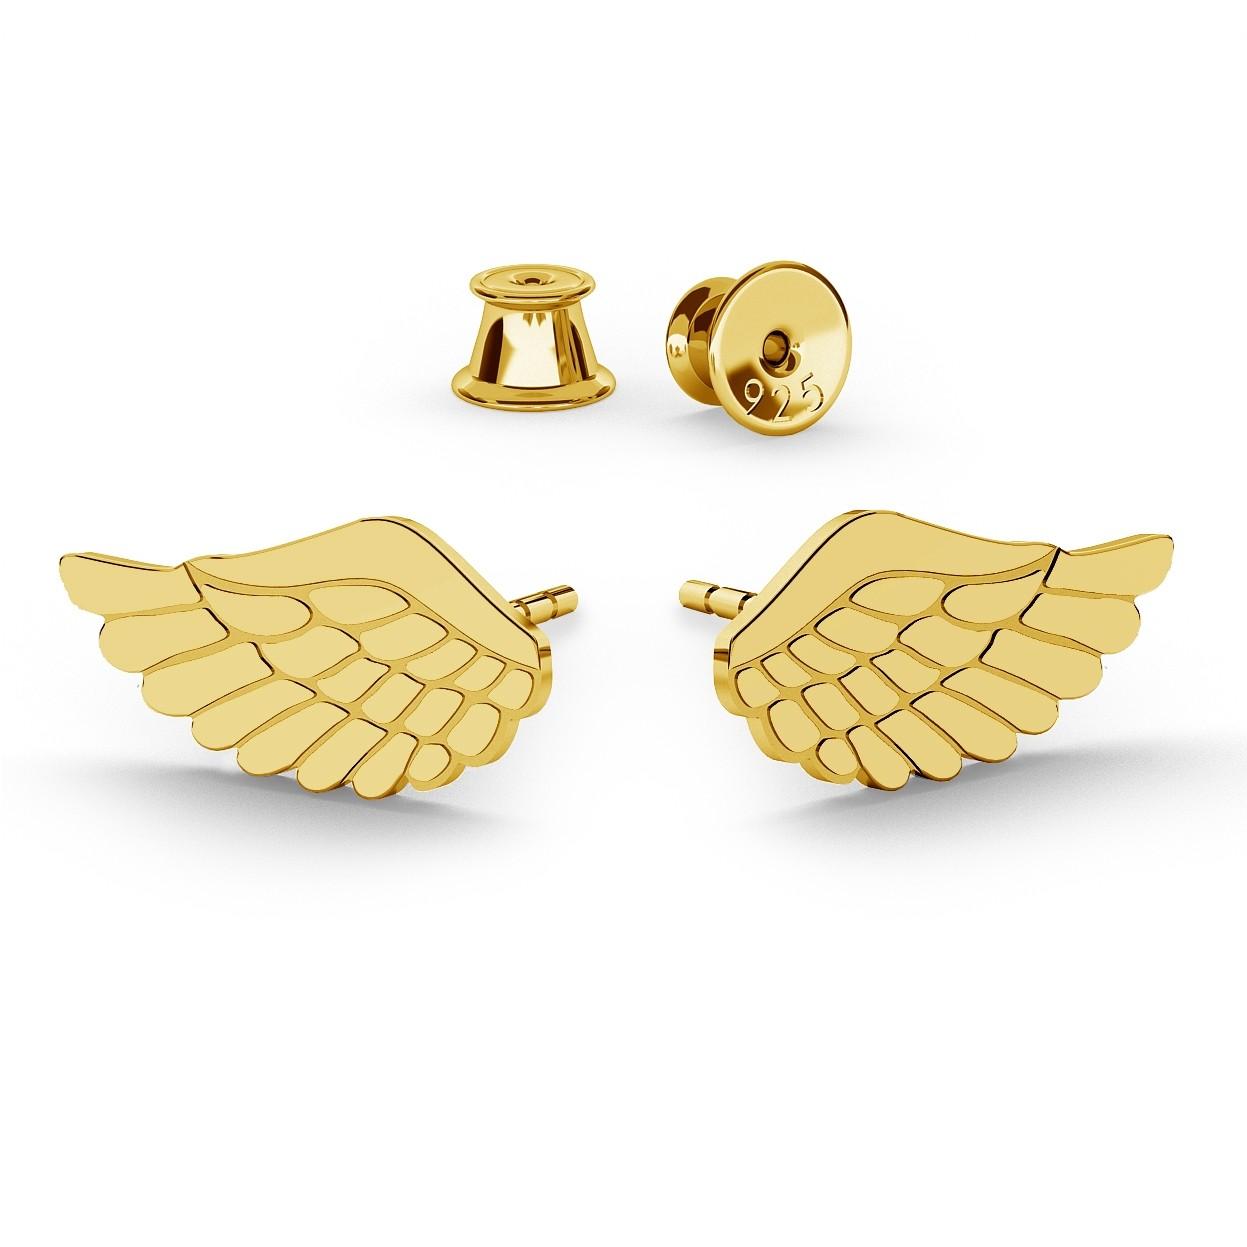 EARRINGS ANGEL WINGS - BASIC